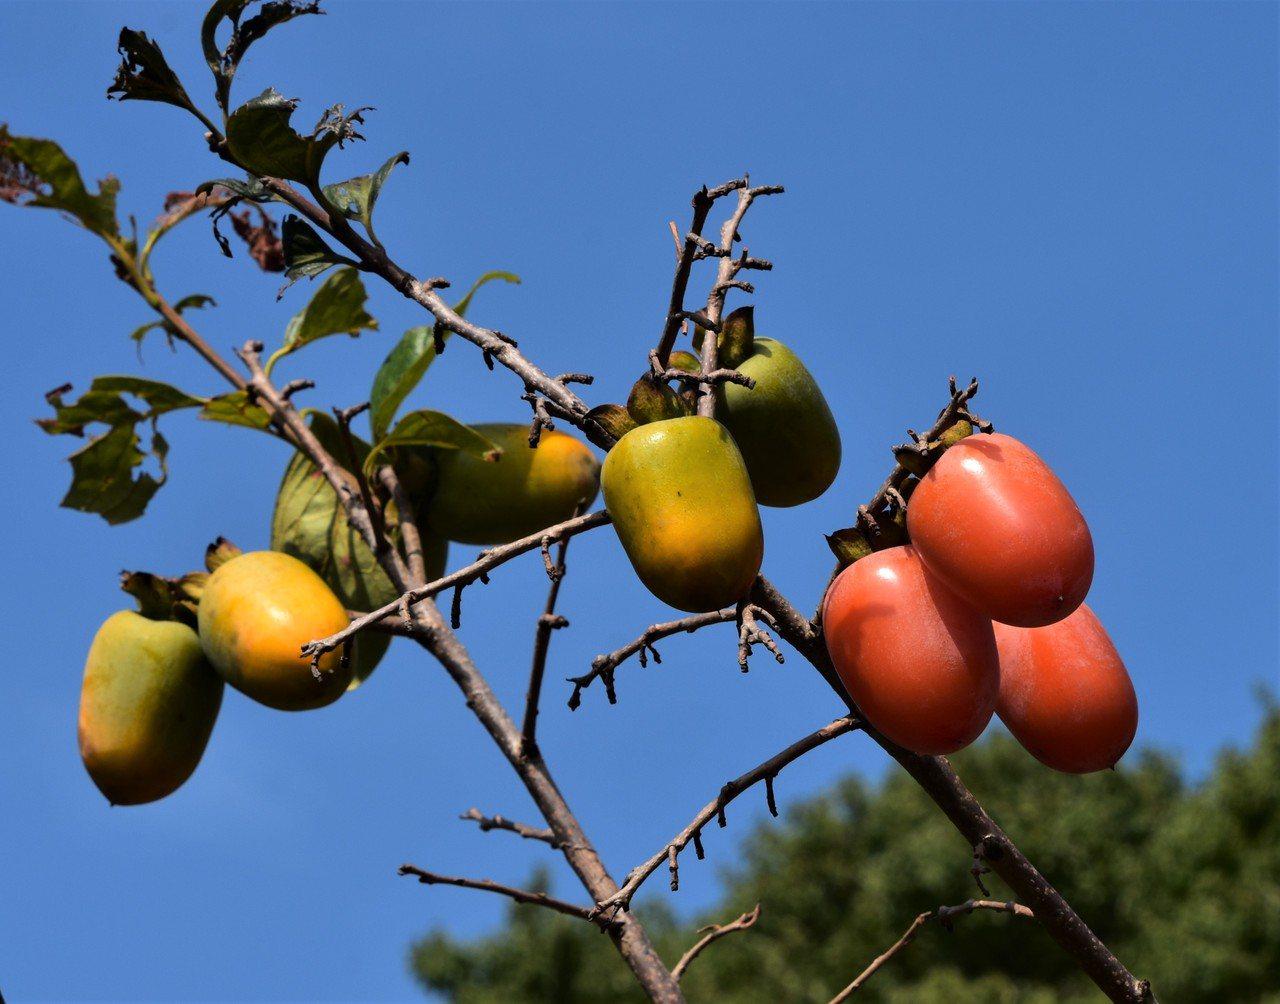 製作柿餅的澀柿還有石柿和日本引進的筆柿。(圖為筆柿) 圖/沈正柔 提供